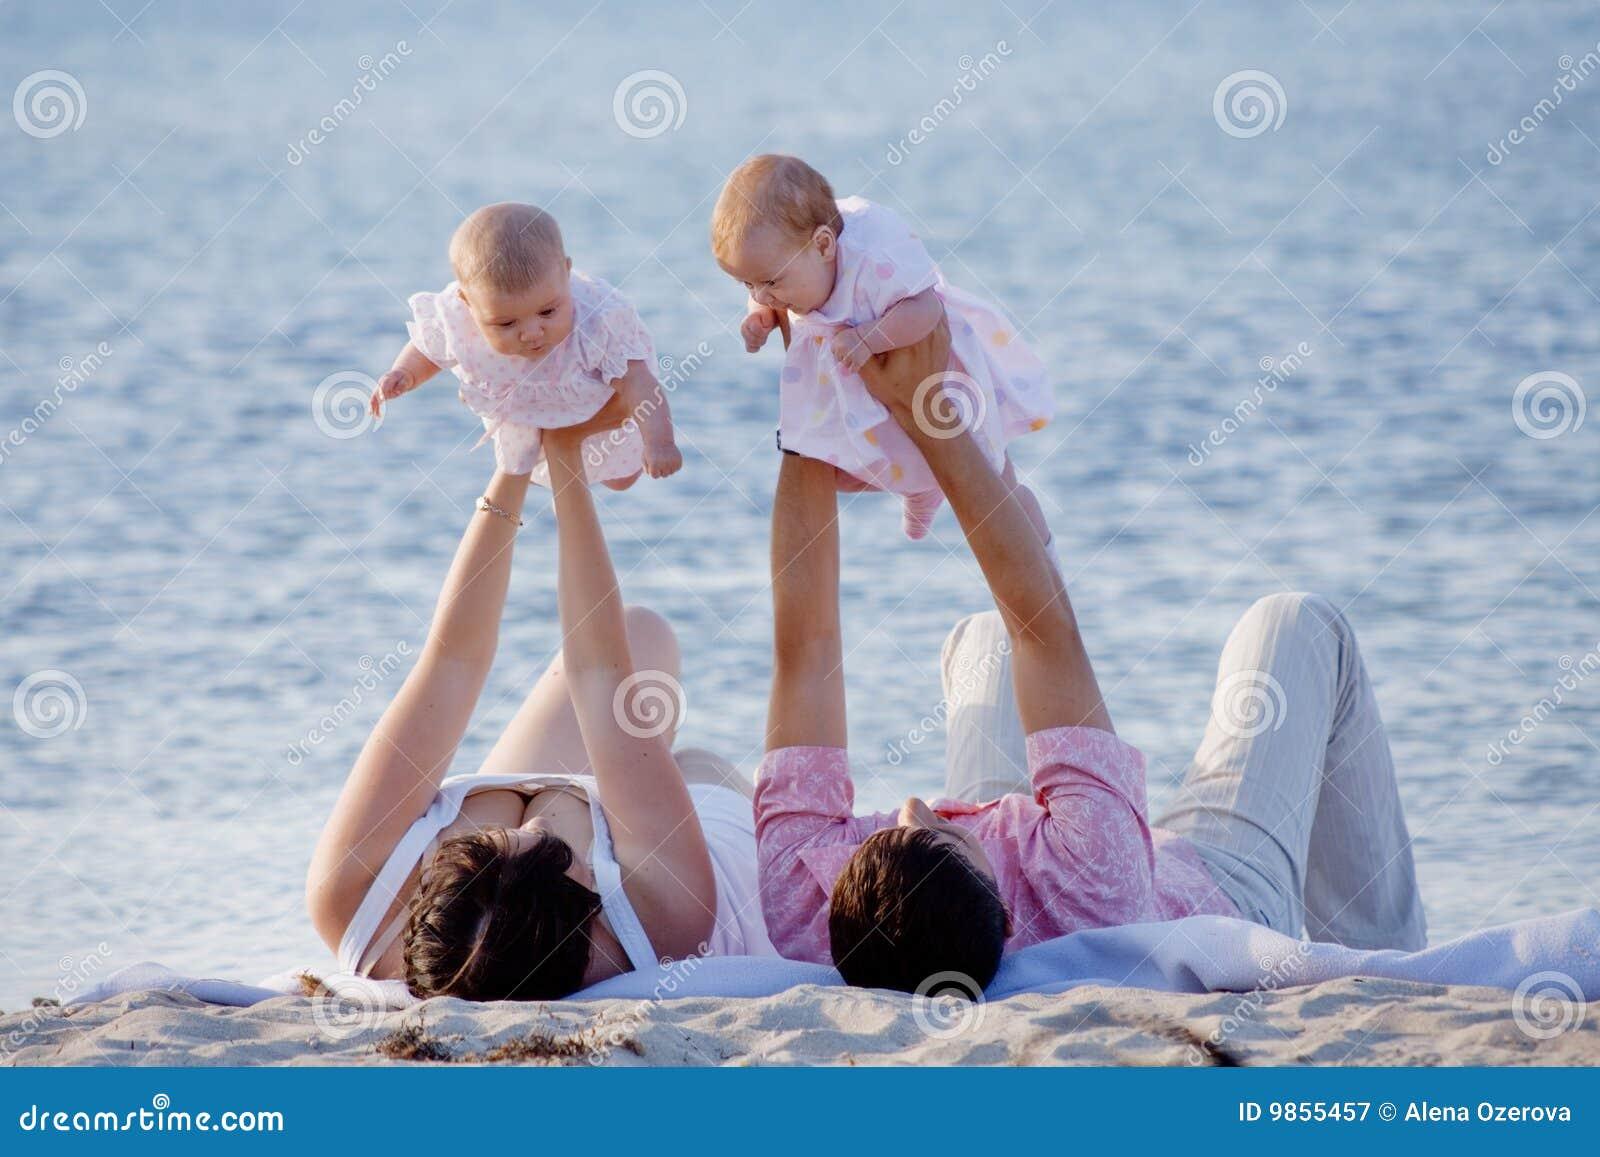 Фото семейной пары море пляж 18 фотография